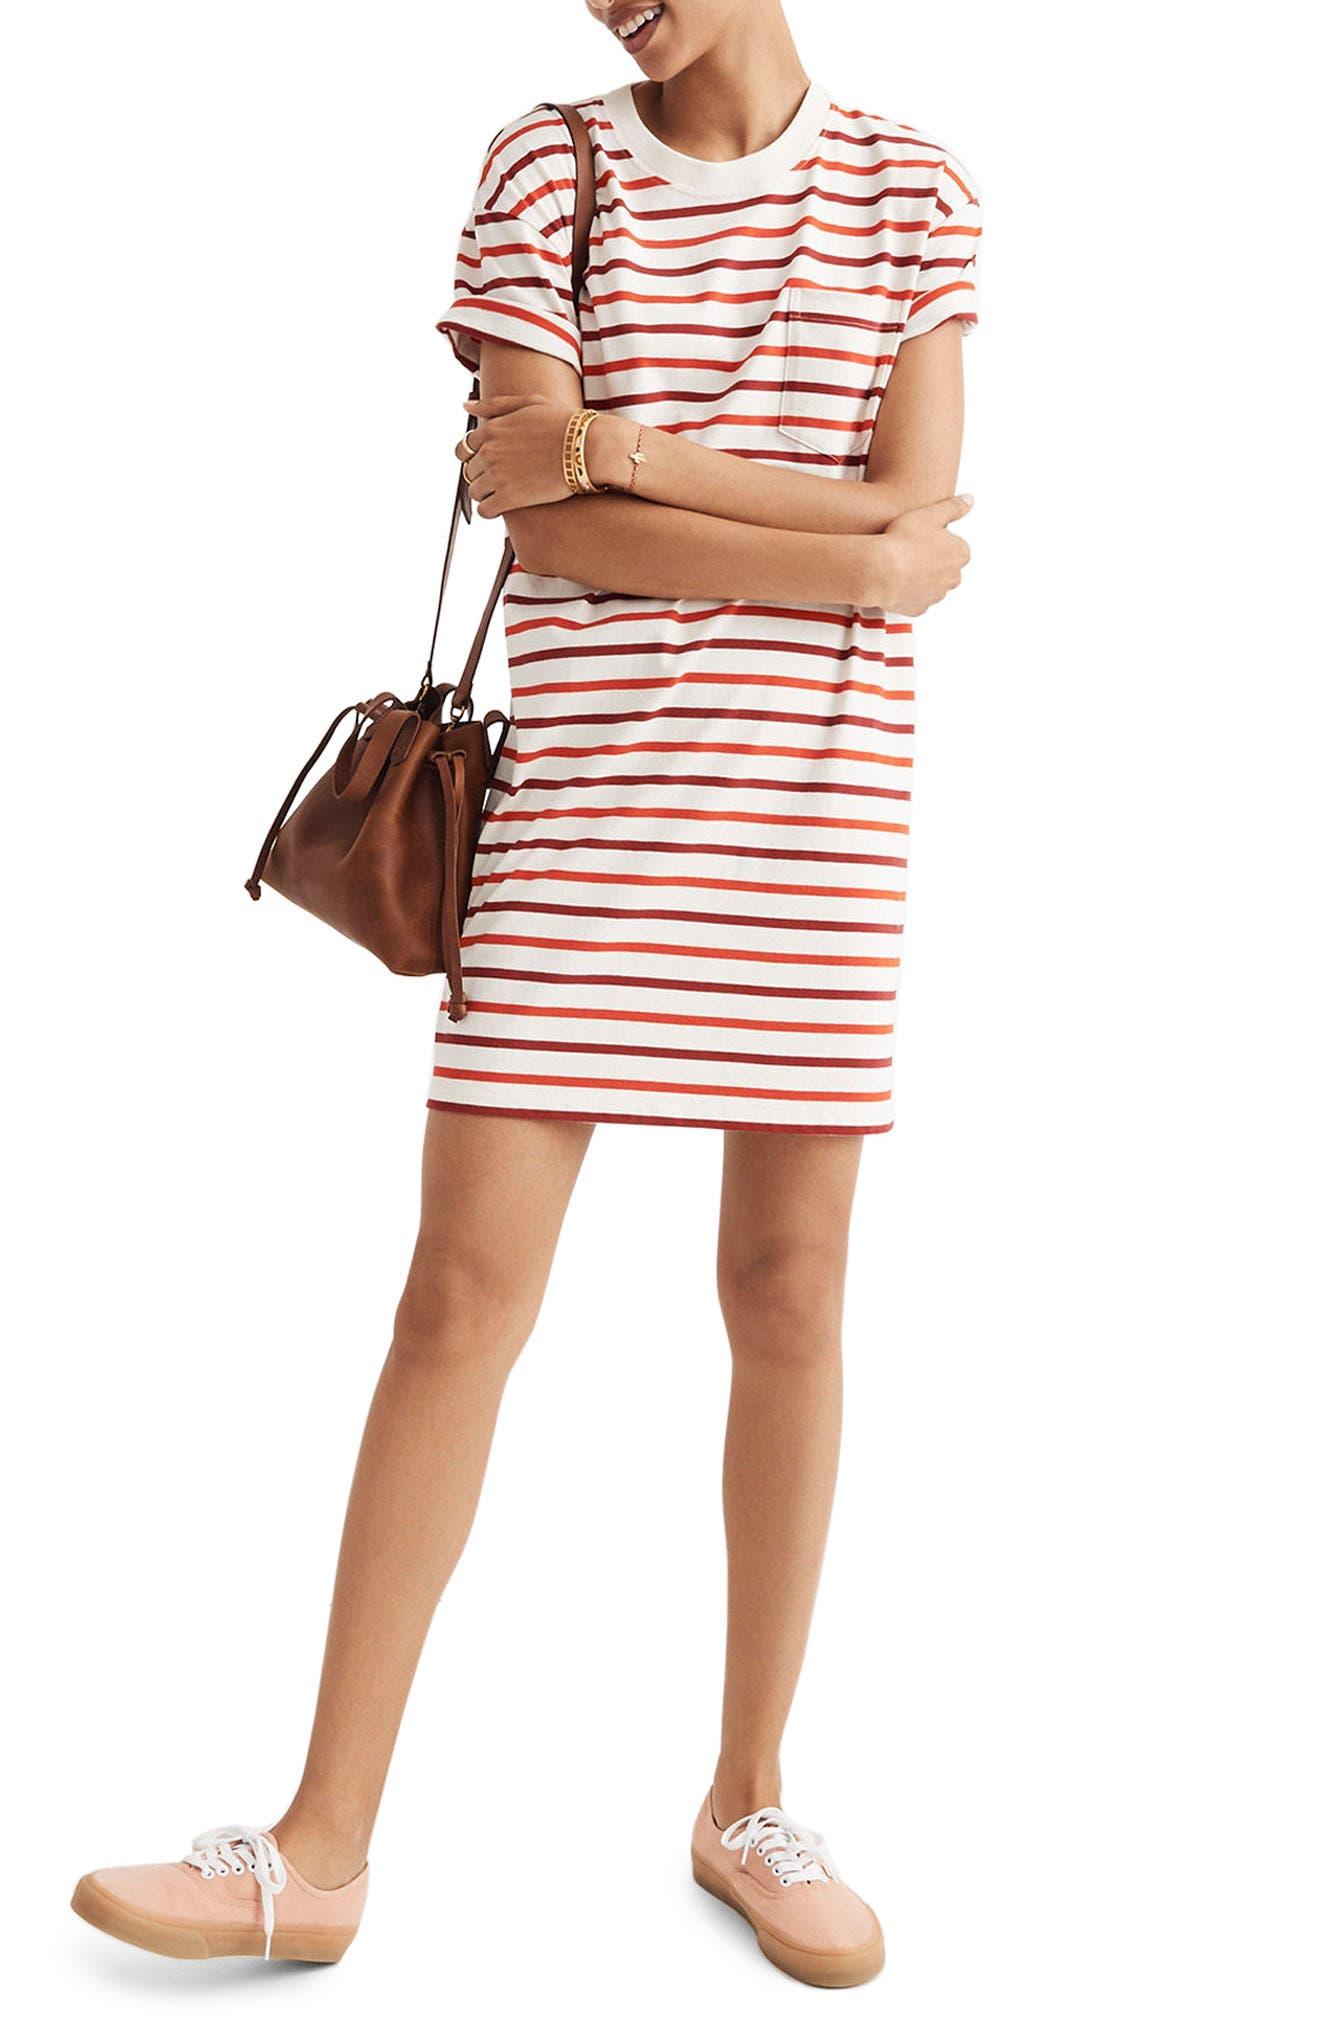 Stripe Pocket T-Shirt Dress,                             Main thumbnail 1, color,                             Ripe Persimmon